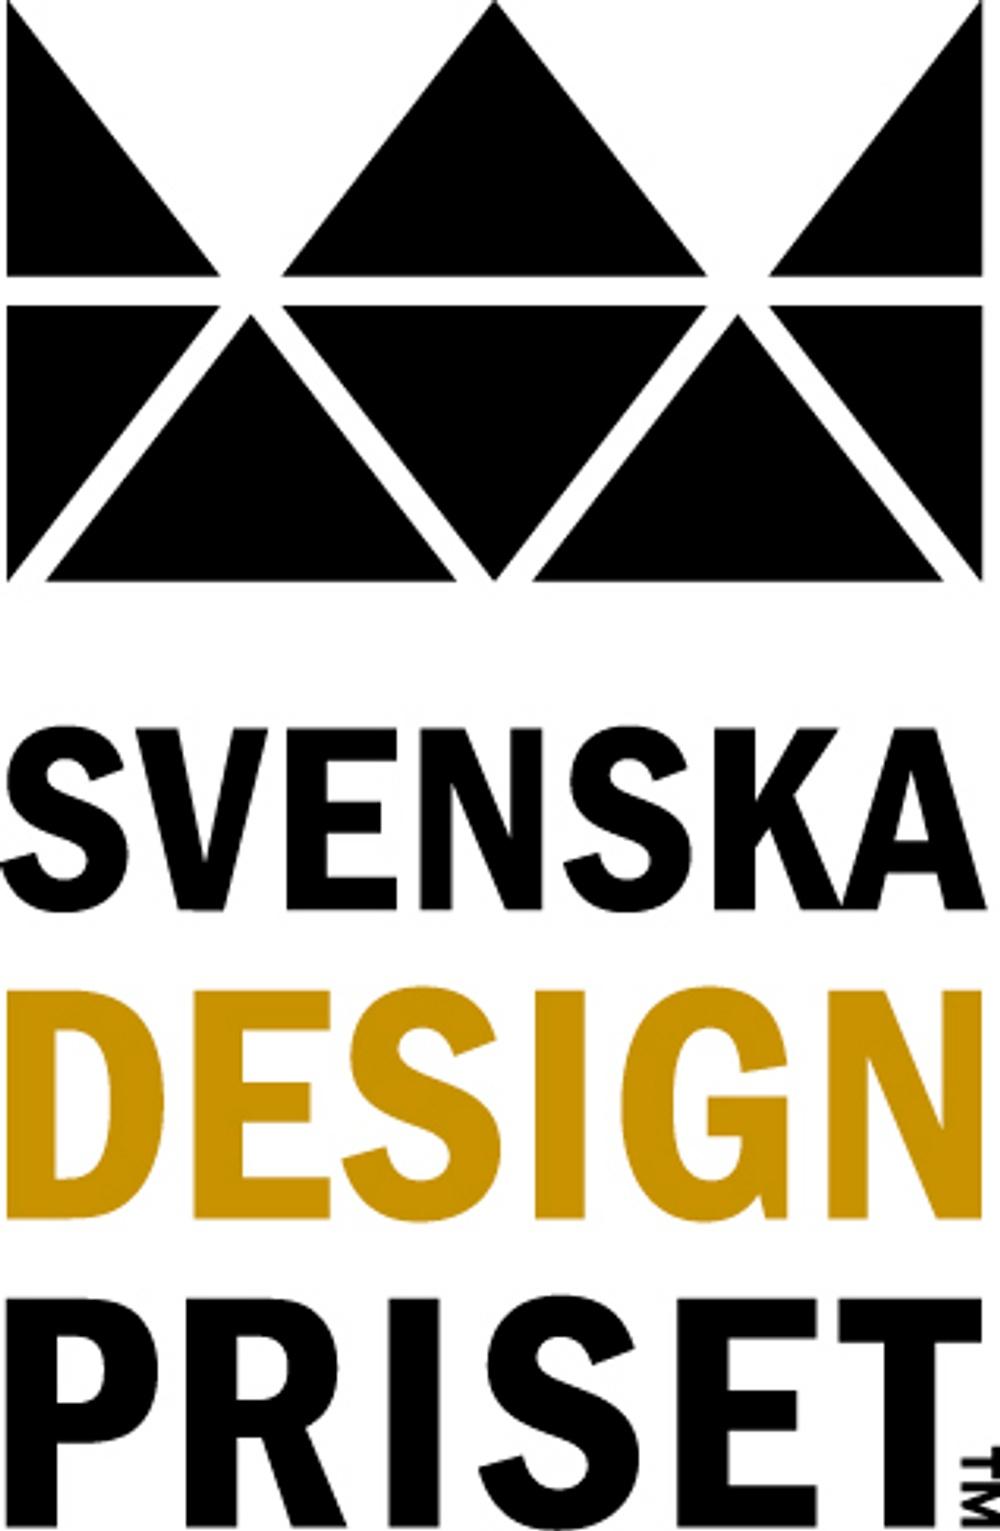 Nominering visitstockholm.com